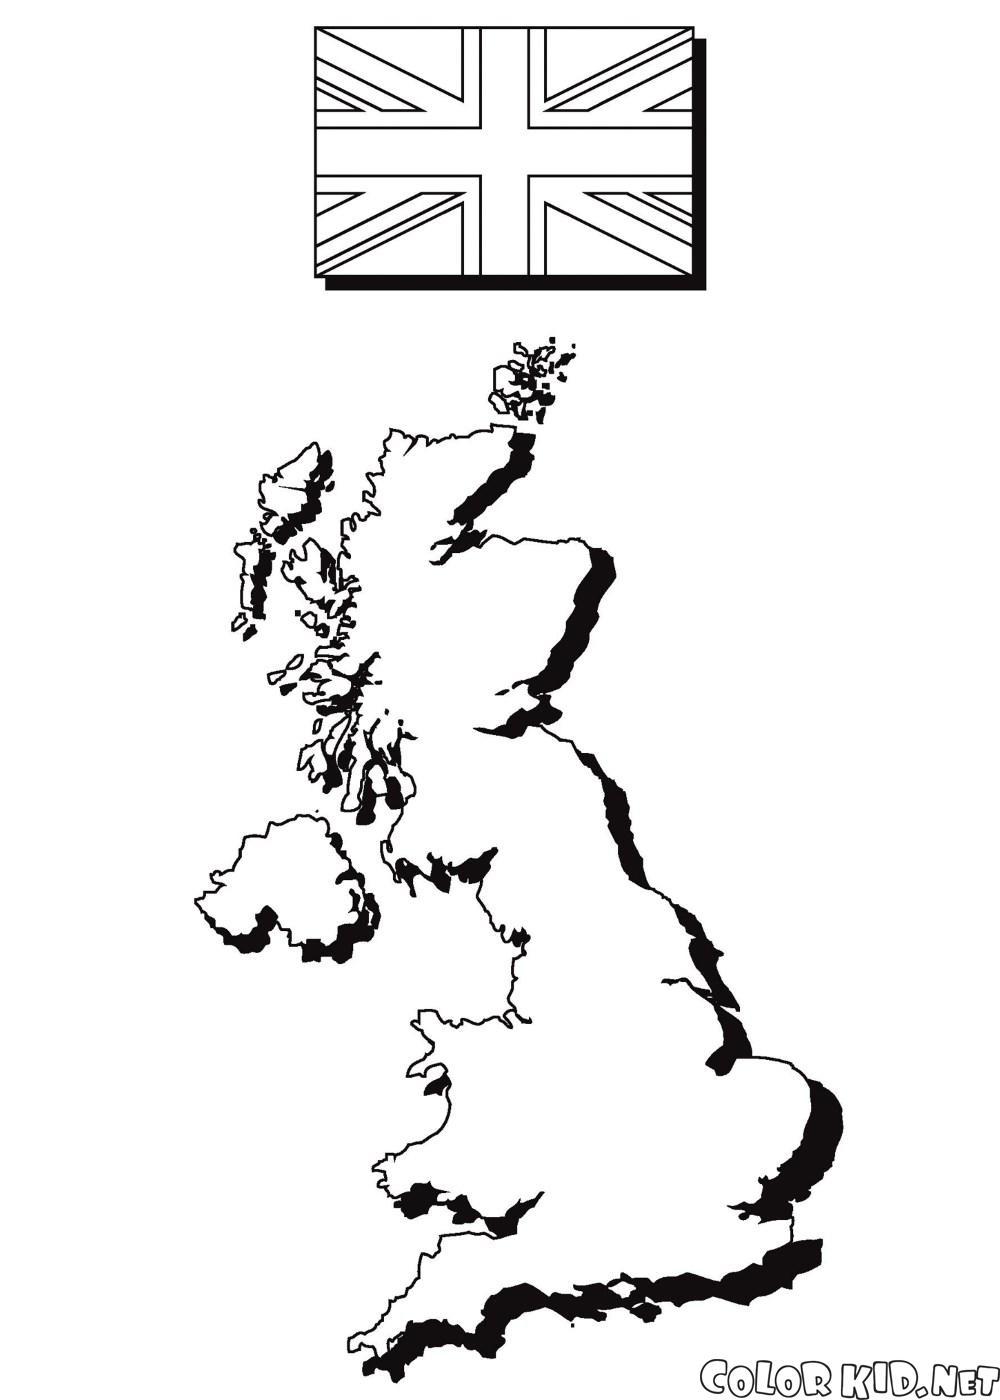 خريطة وعلم إنجلترا